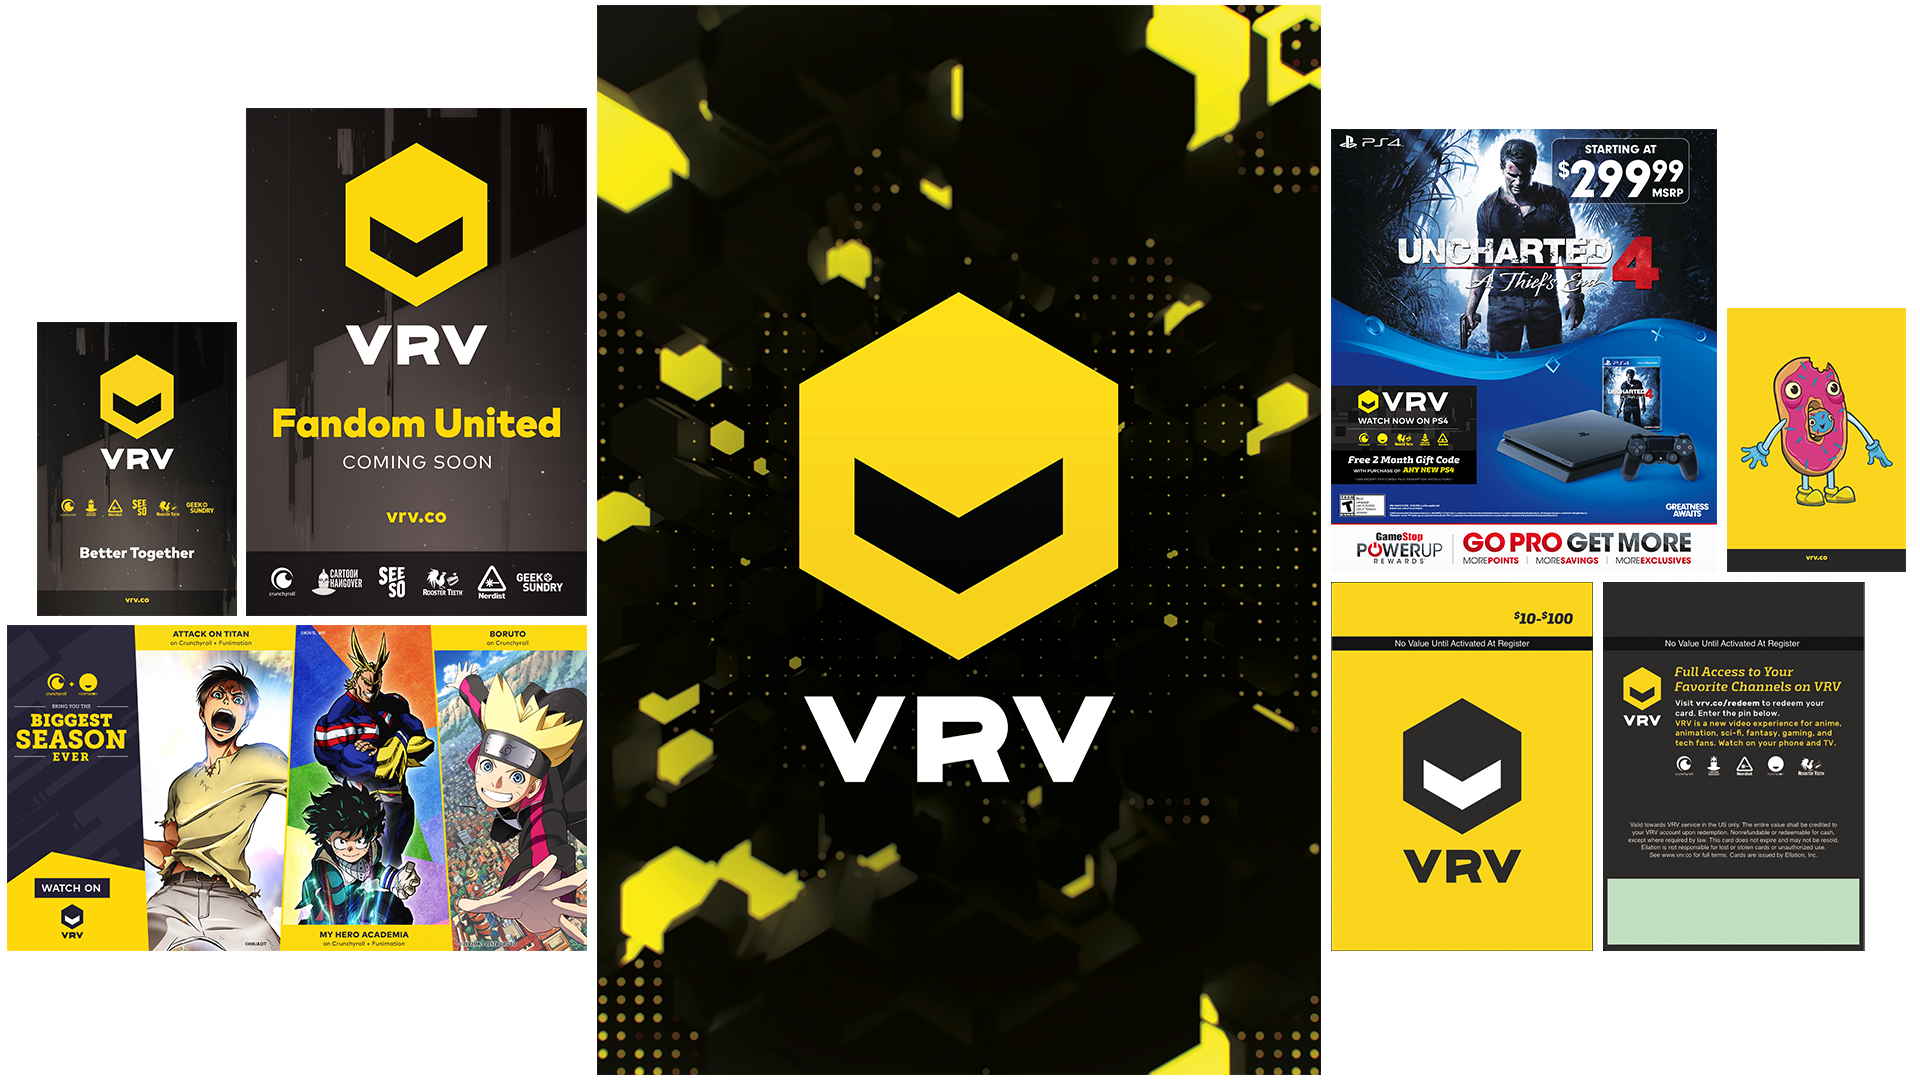 VRV_Gamestop Expo 3_S.jpg